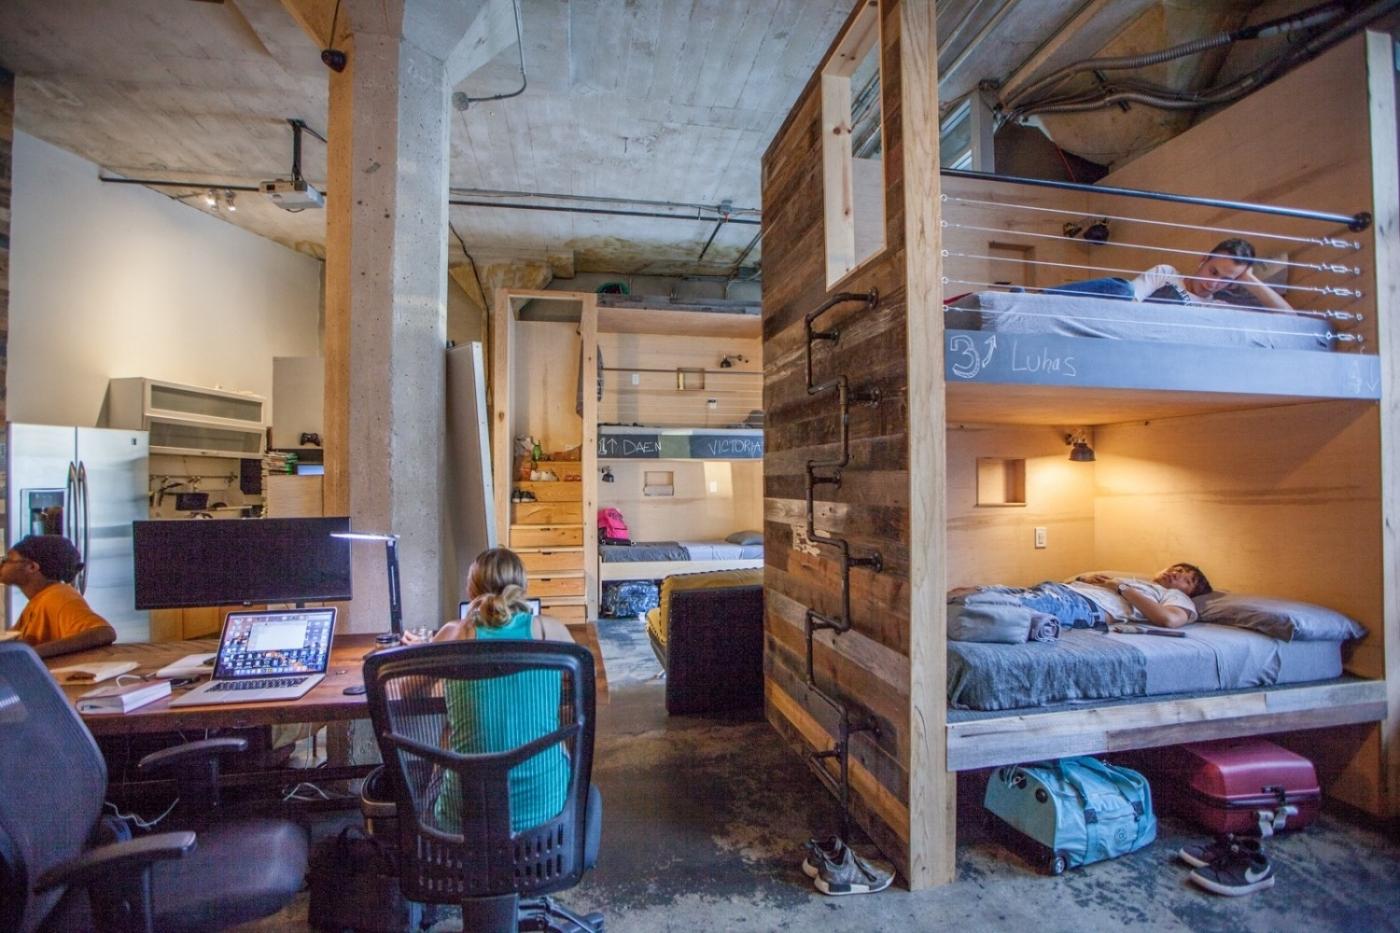 一個床位月租3萬7千元!PodShare天價租金為什麼還能一上線就破9成預訂?